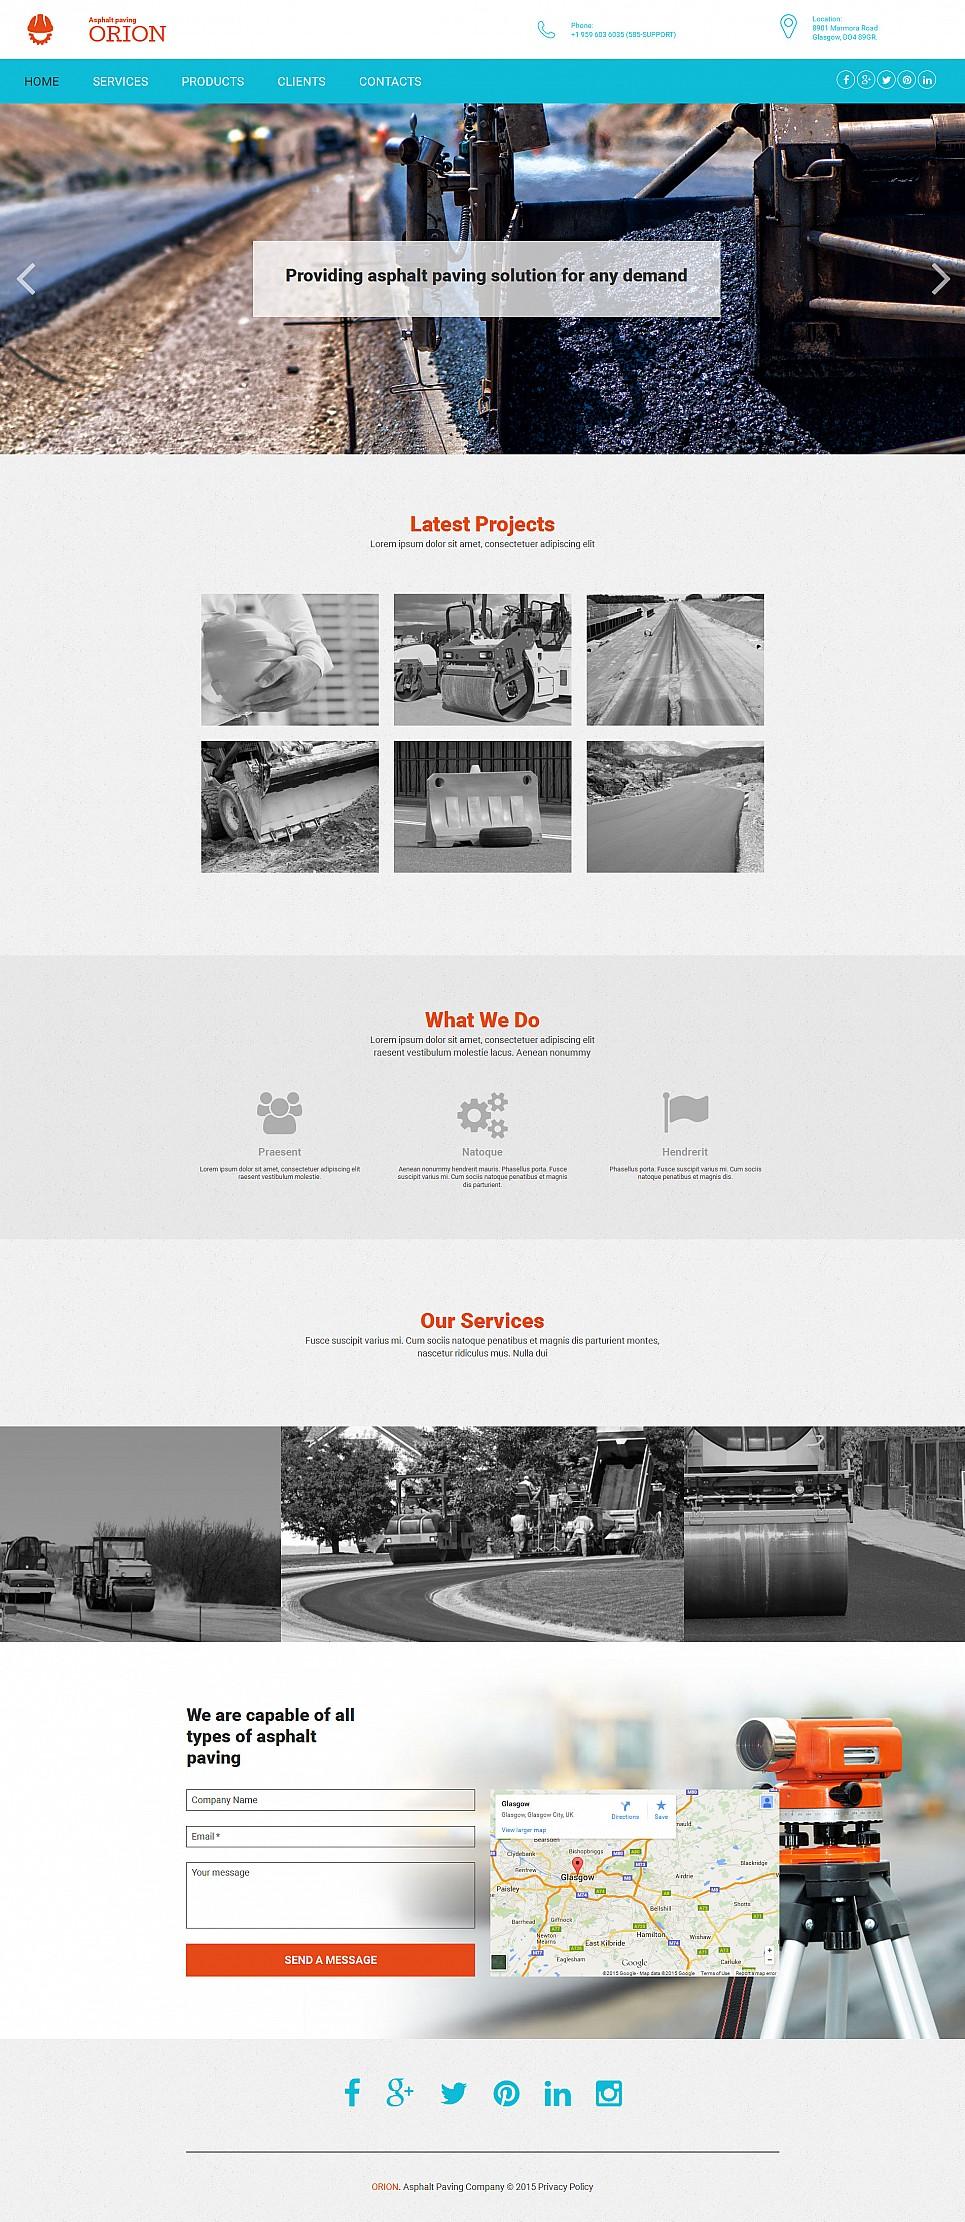 Шаблон для сайта фирмы, занимающейся укладкой асфальта - image